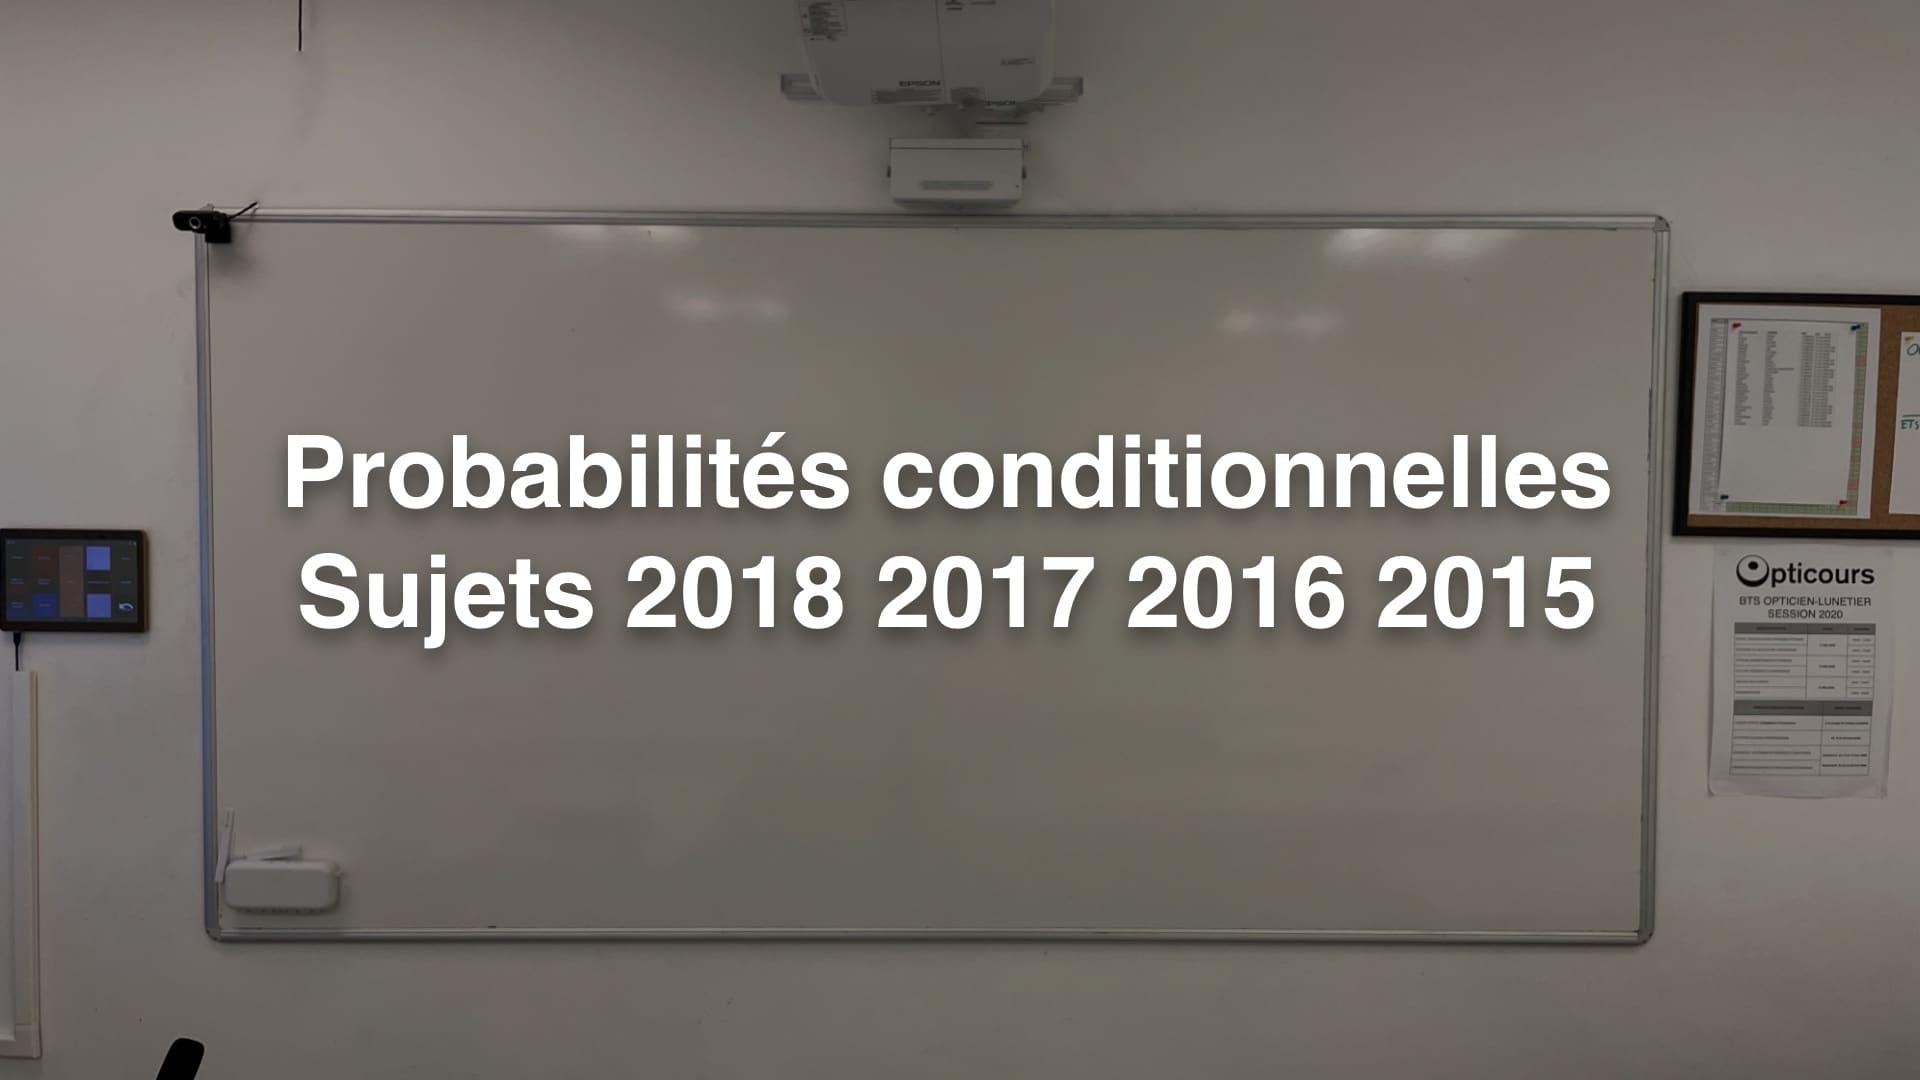 Probabilités conditionnelles - Sujets 2018 2017 2016 2015